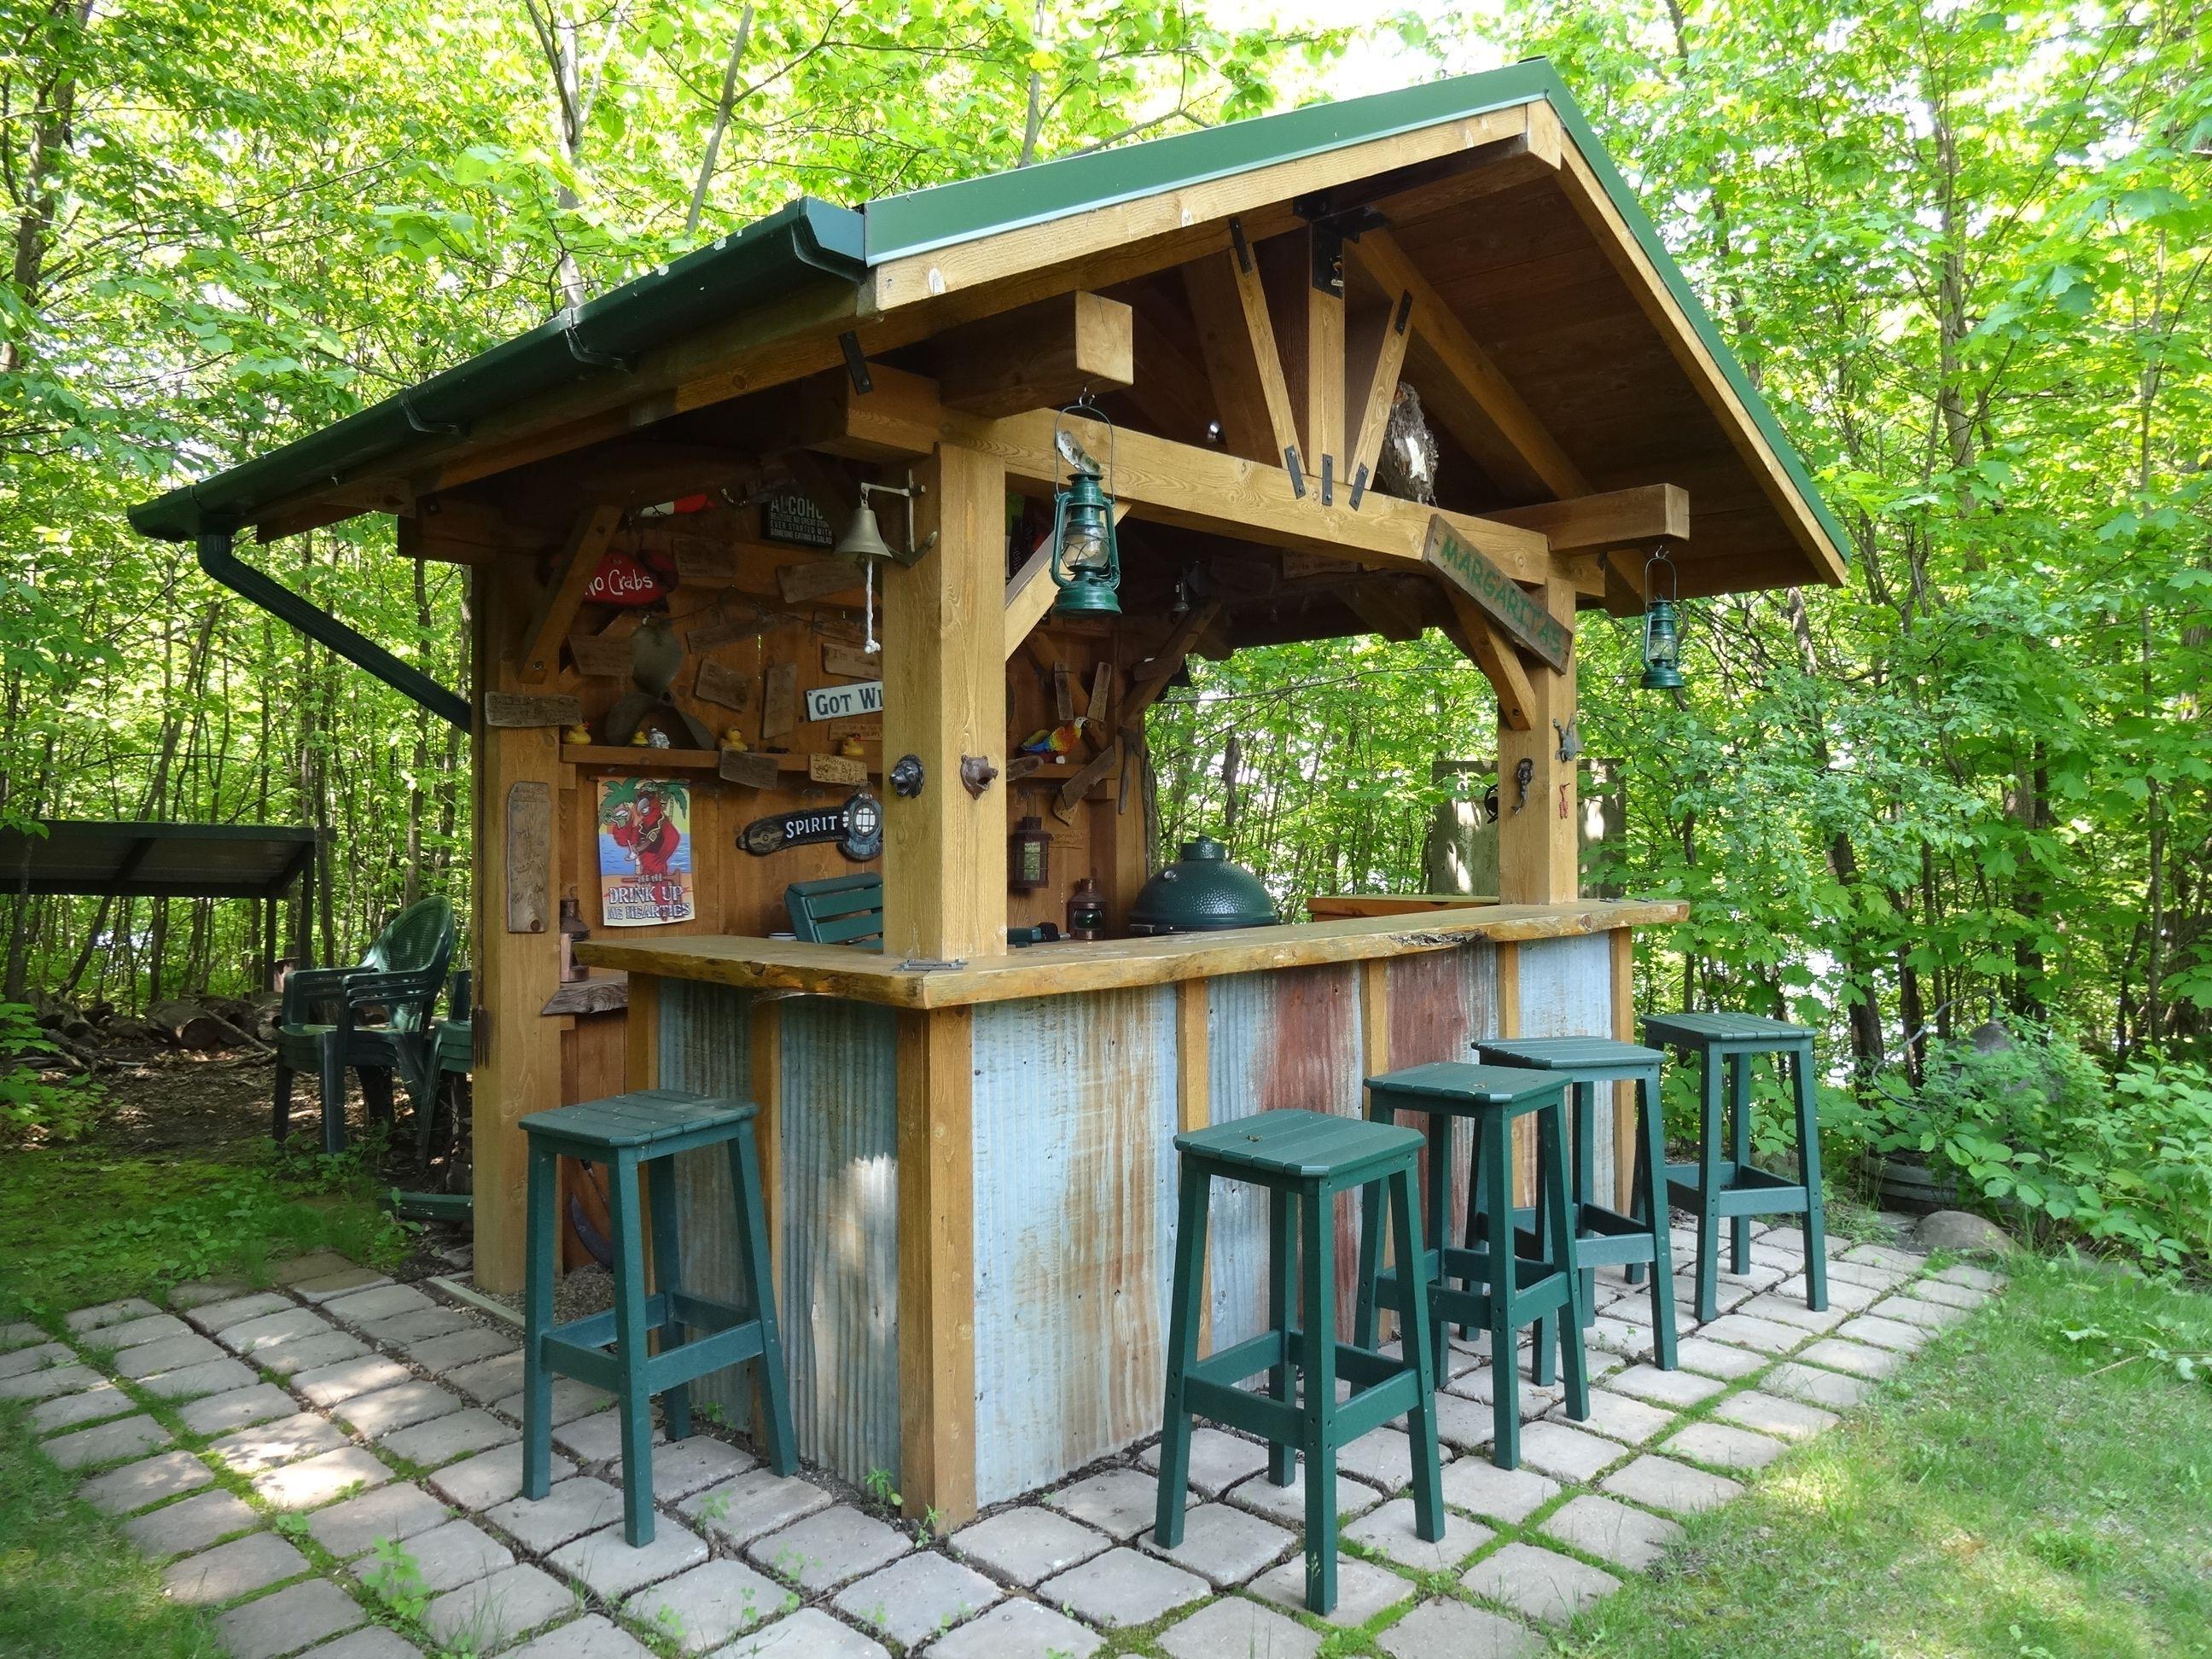 23 Incredible Diy Outside Bar Ideas: 13+ Creative Outdoor Bar Ideas For Your Backyard